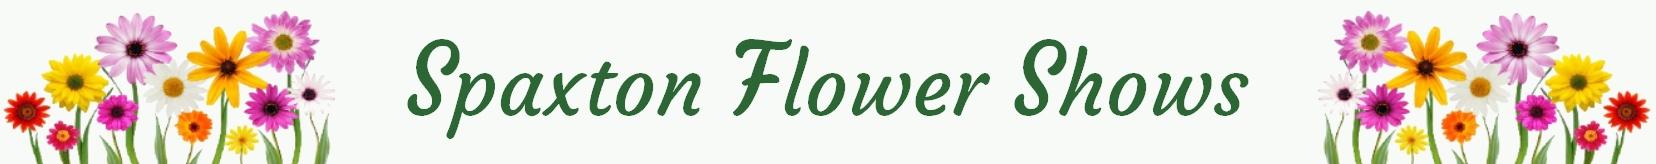 Spaxton Flower Show header logo